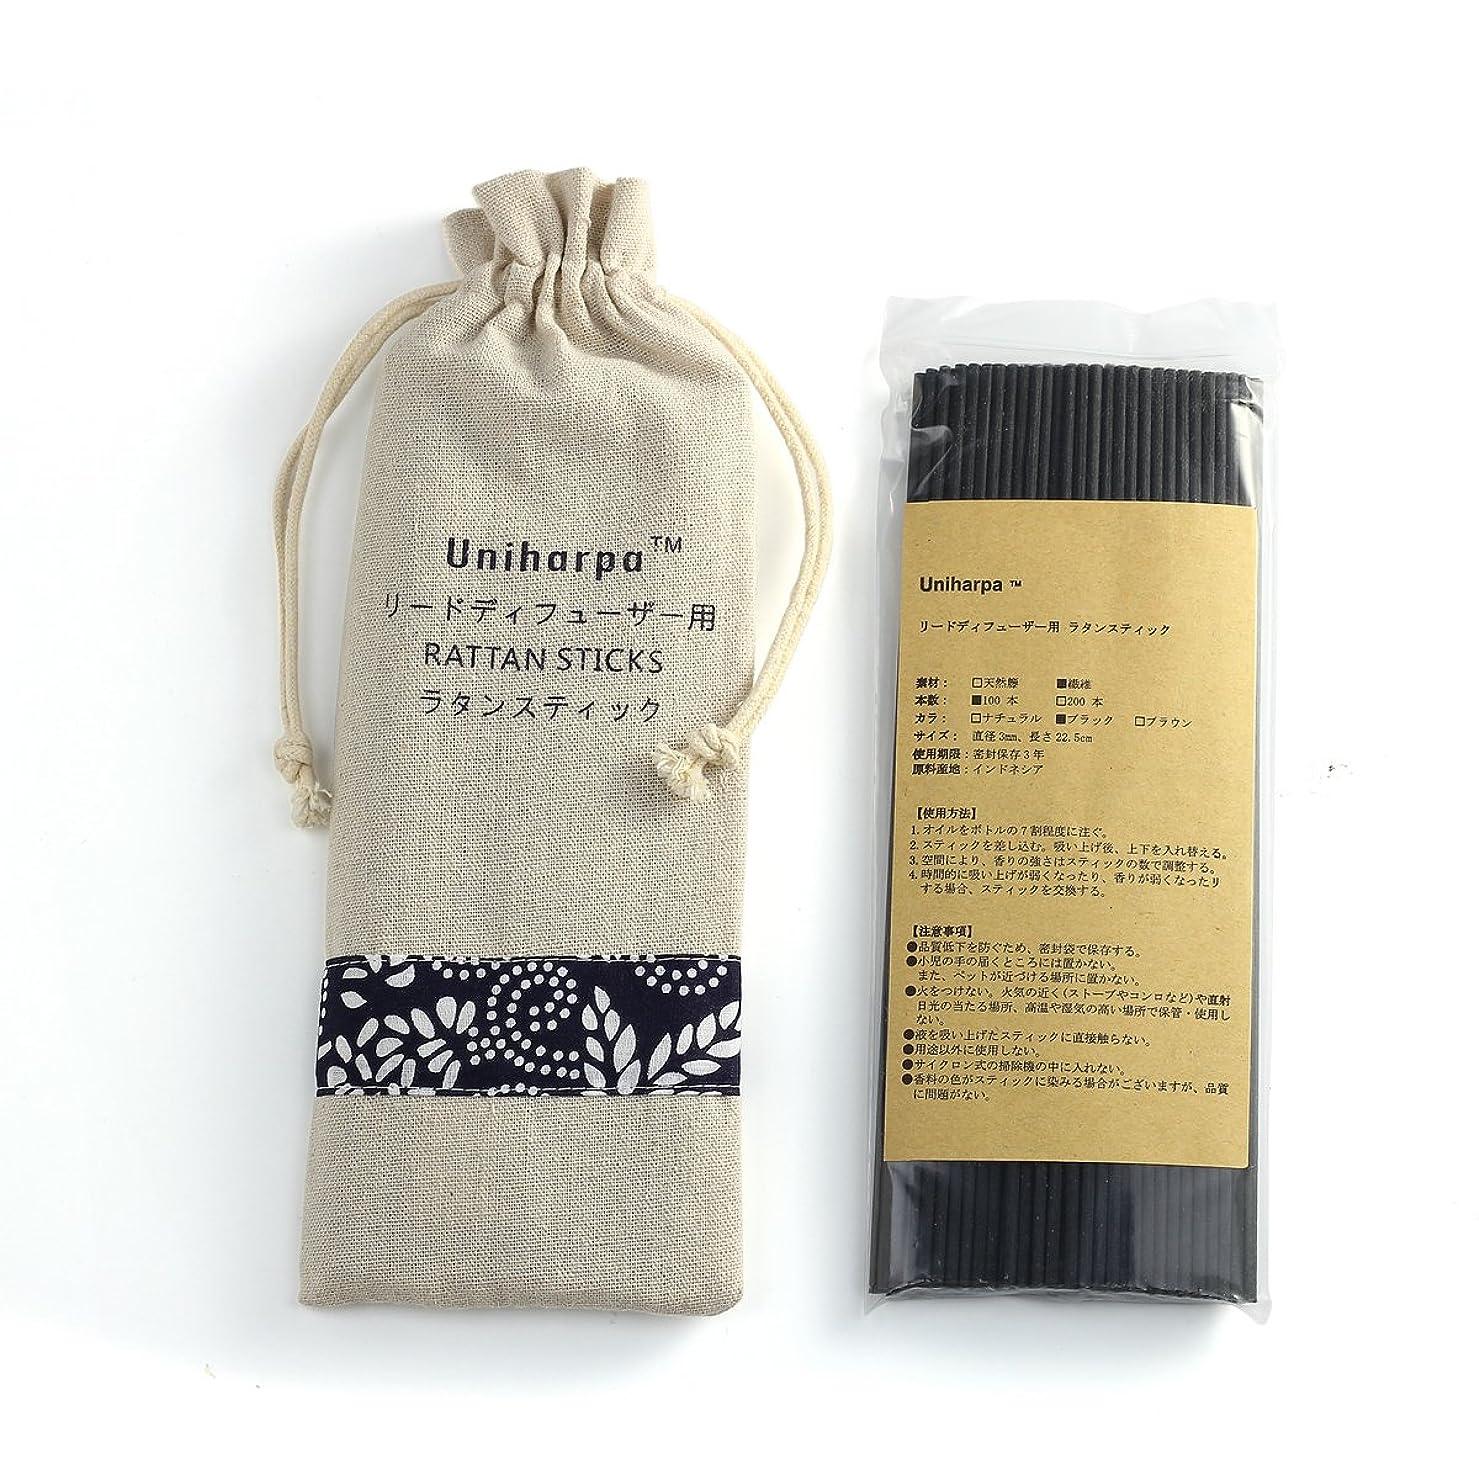 会話キャップ優れたリードディフューザー用 ラタンスティック/リードスティック リフィル 繊維素材 22.5cm 直径3mm 100本入 乾燥剤入り オリジナル旅行専用袋付 (ブラック)